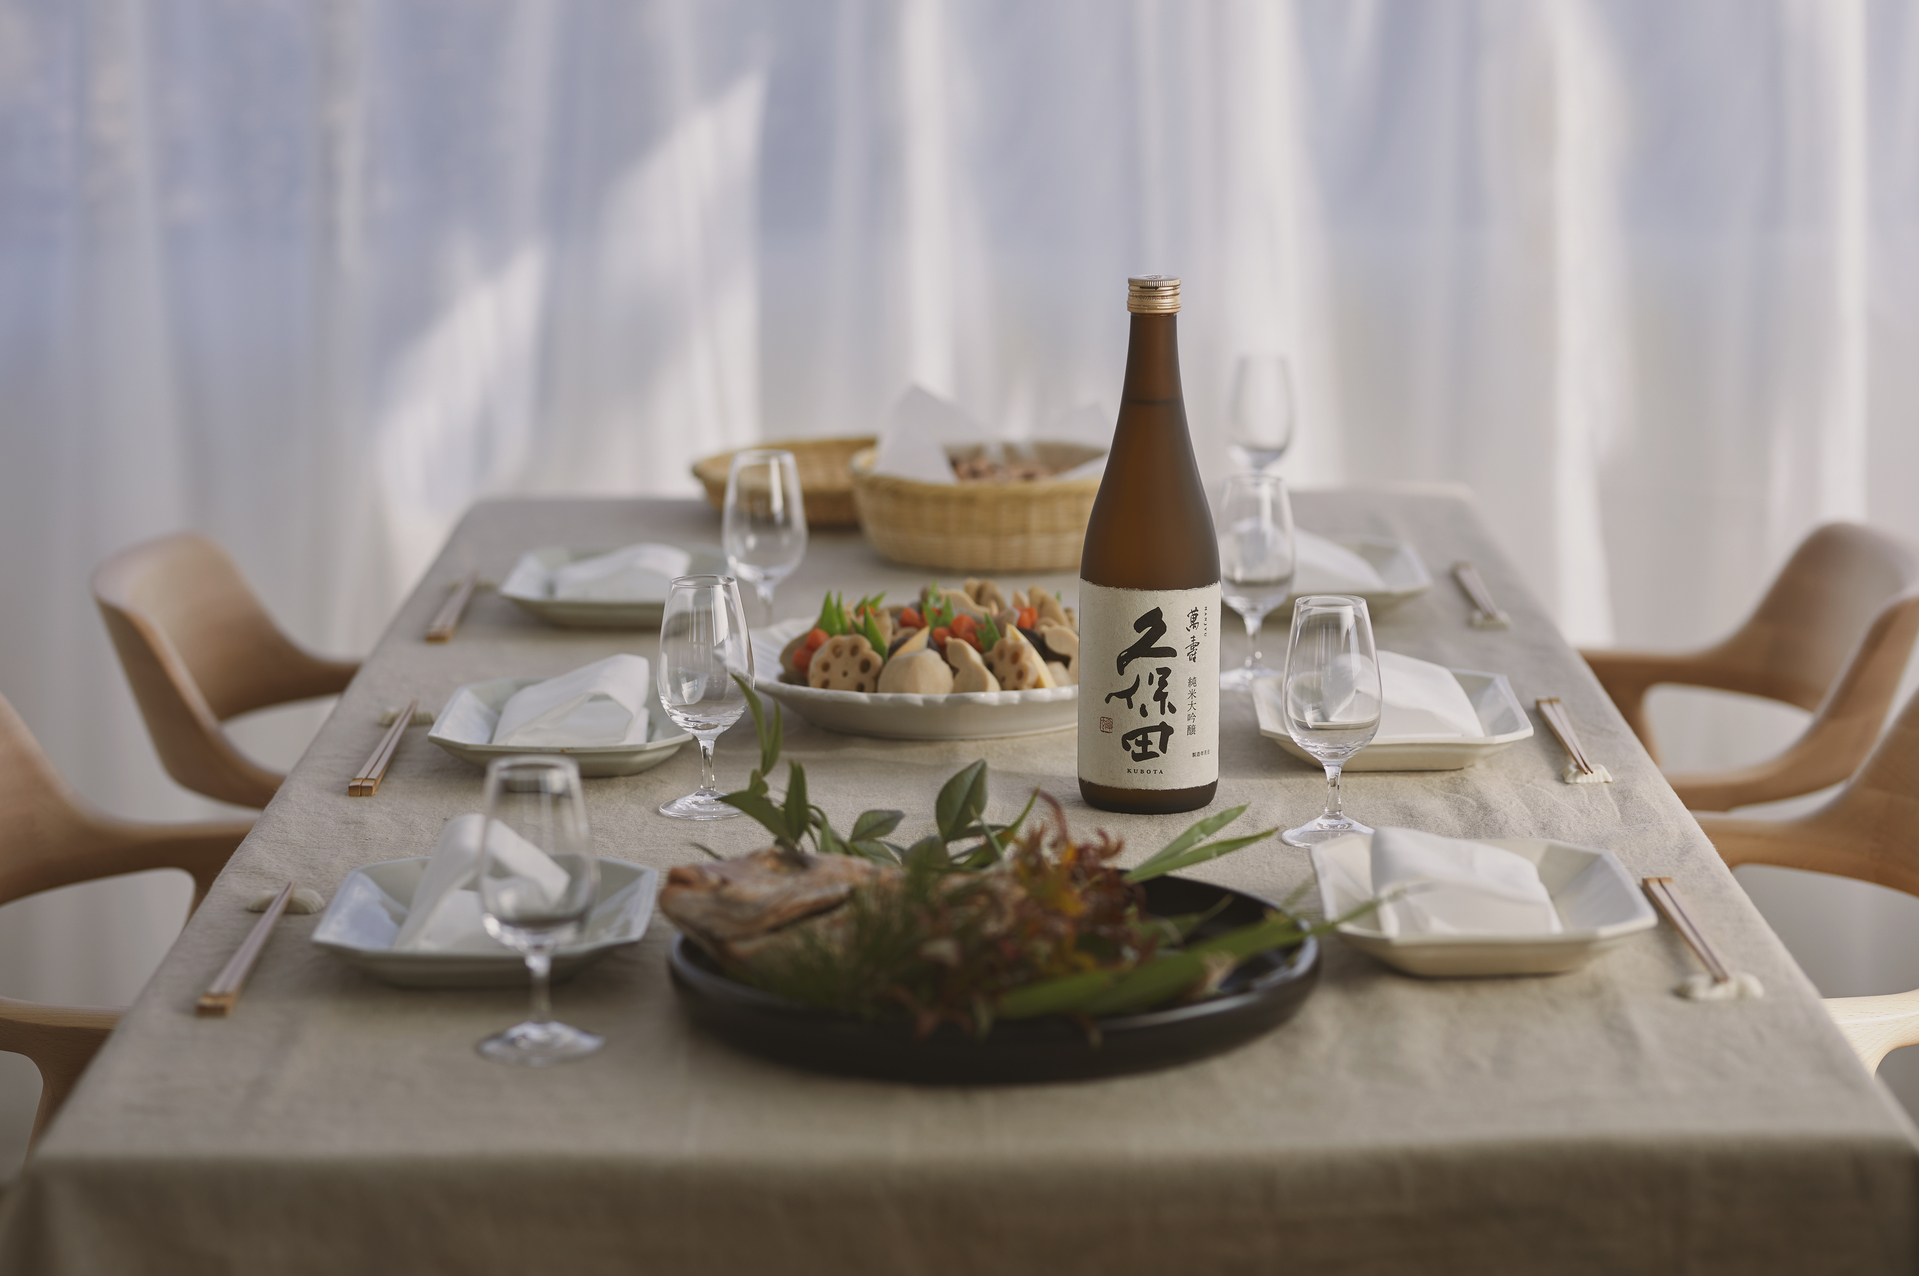 正月に飲みたい日本酒、新潟のおすすめ5銘柄